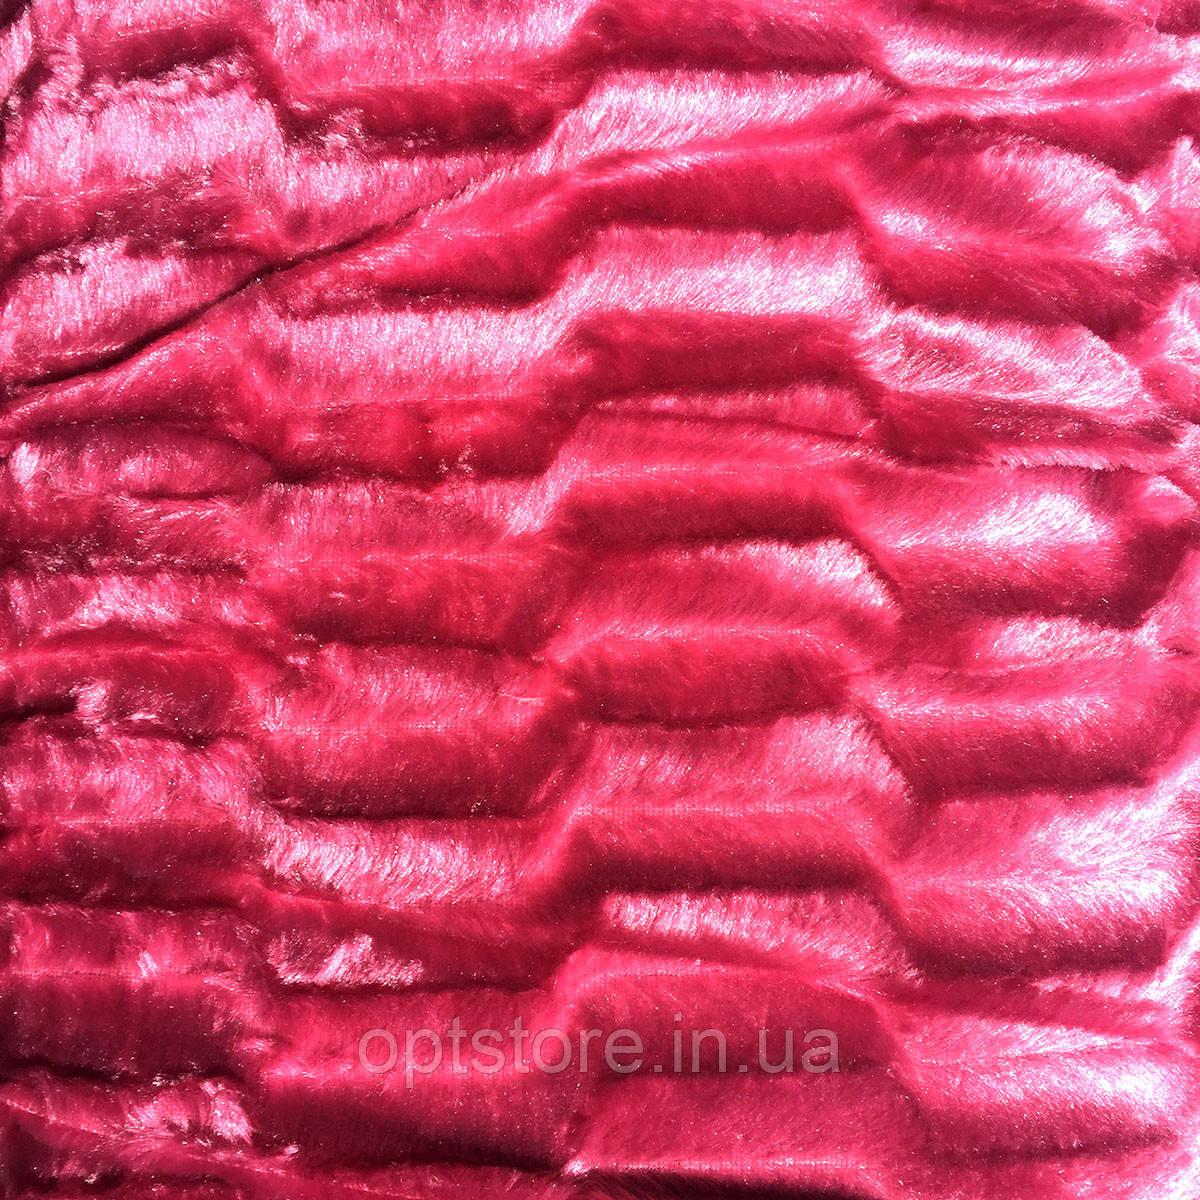 """Плед """"норка"""" рожевий євро розмір 220/240, мікрофібра"""